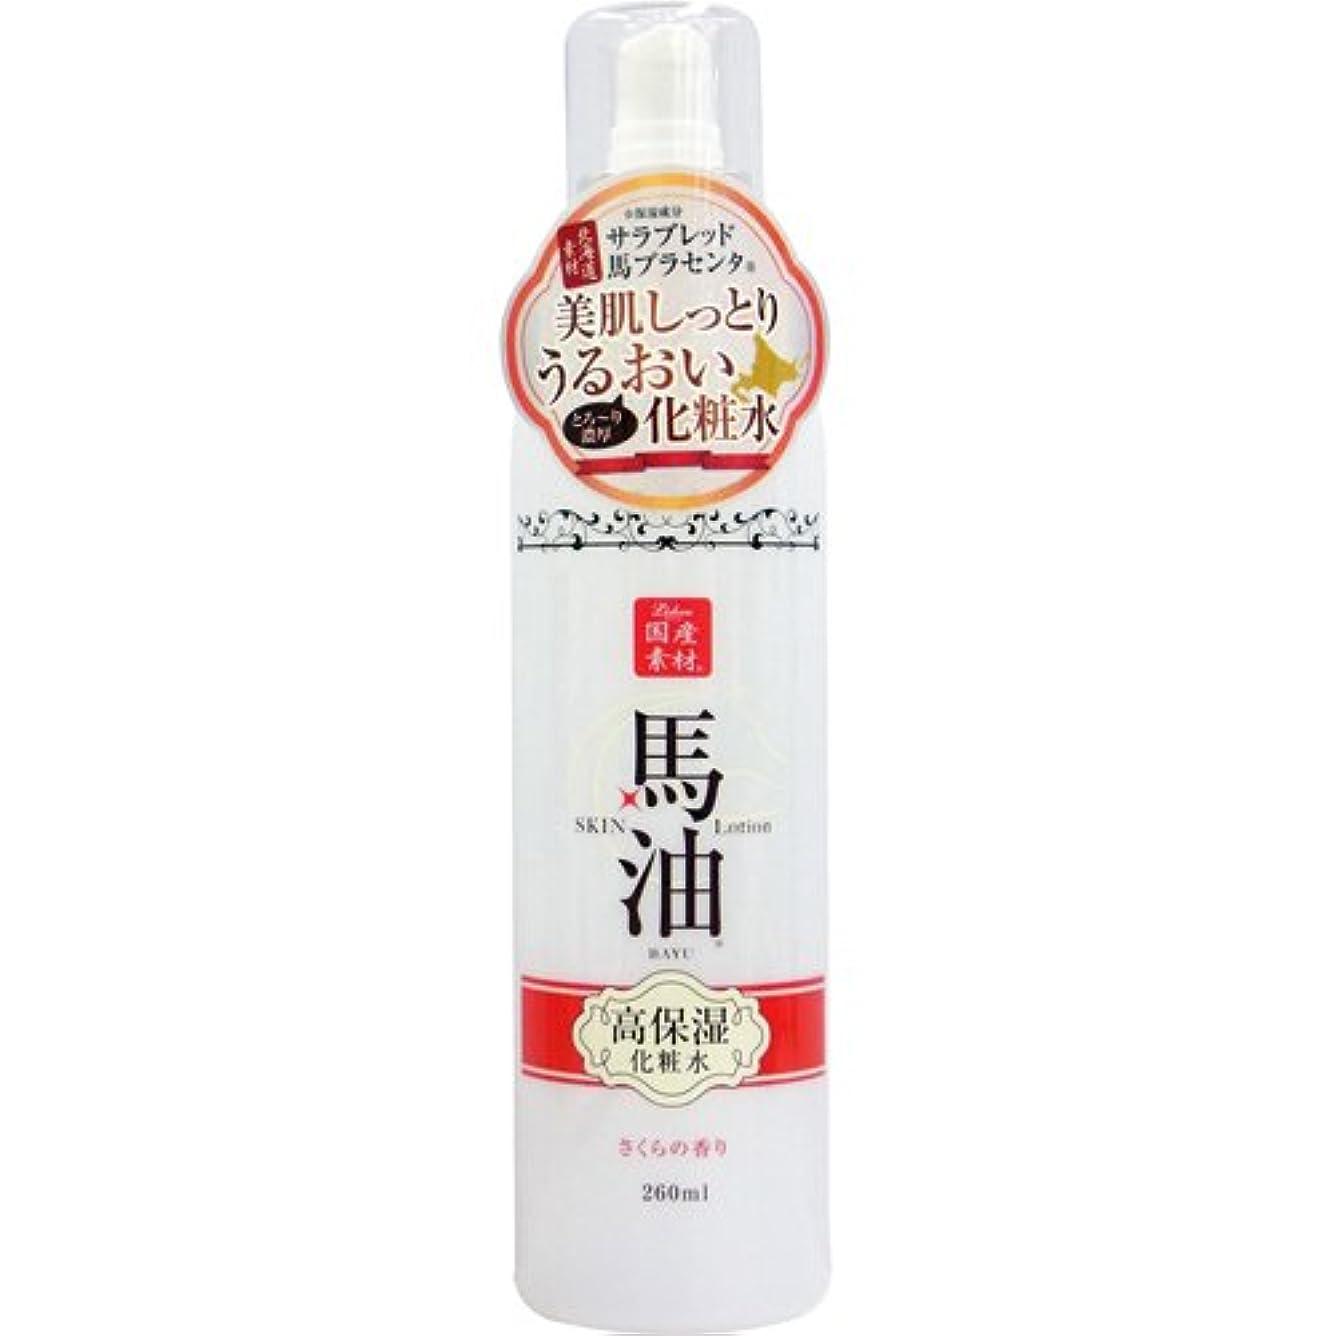 機械的に野ウサギ落花生リシャン 馬油化粧水 (さくらの香り) (260mL)